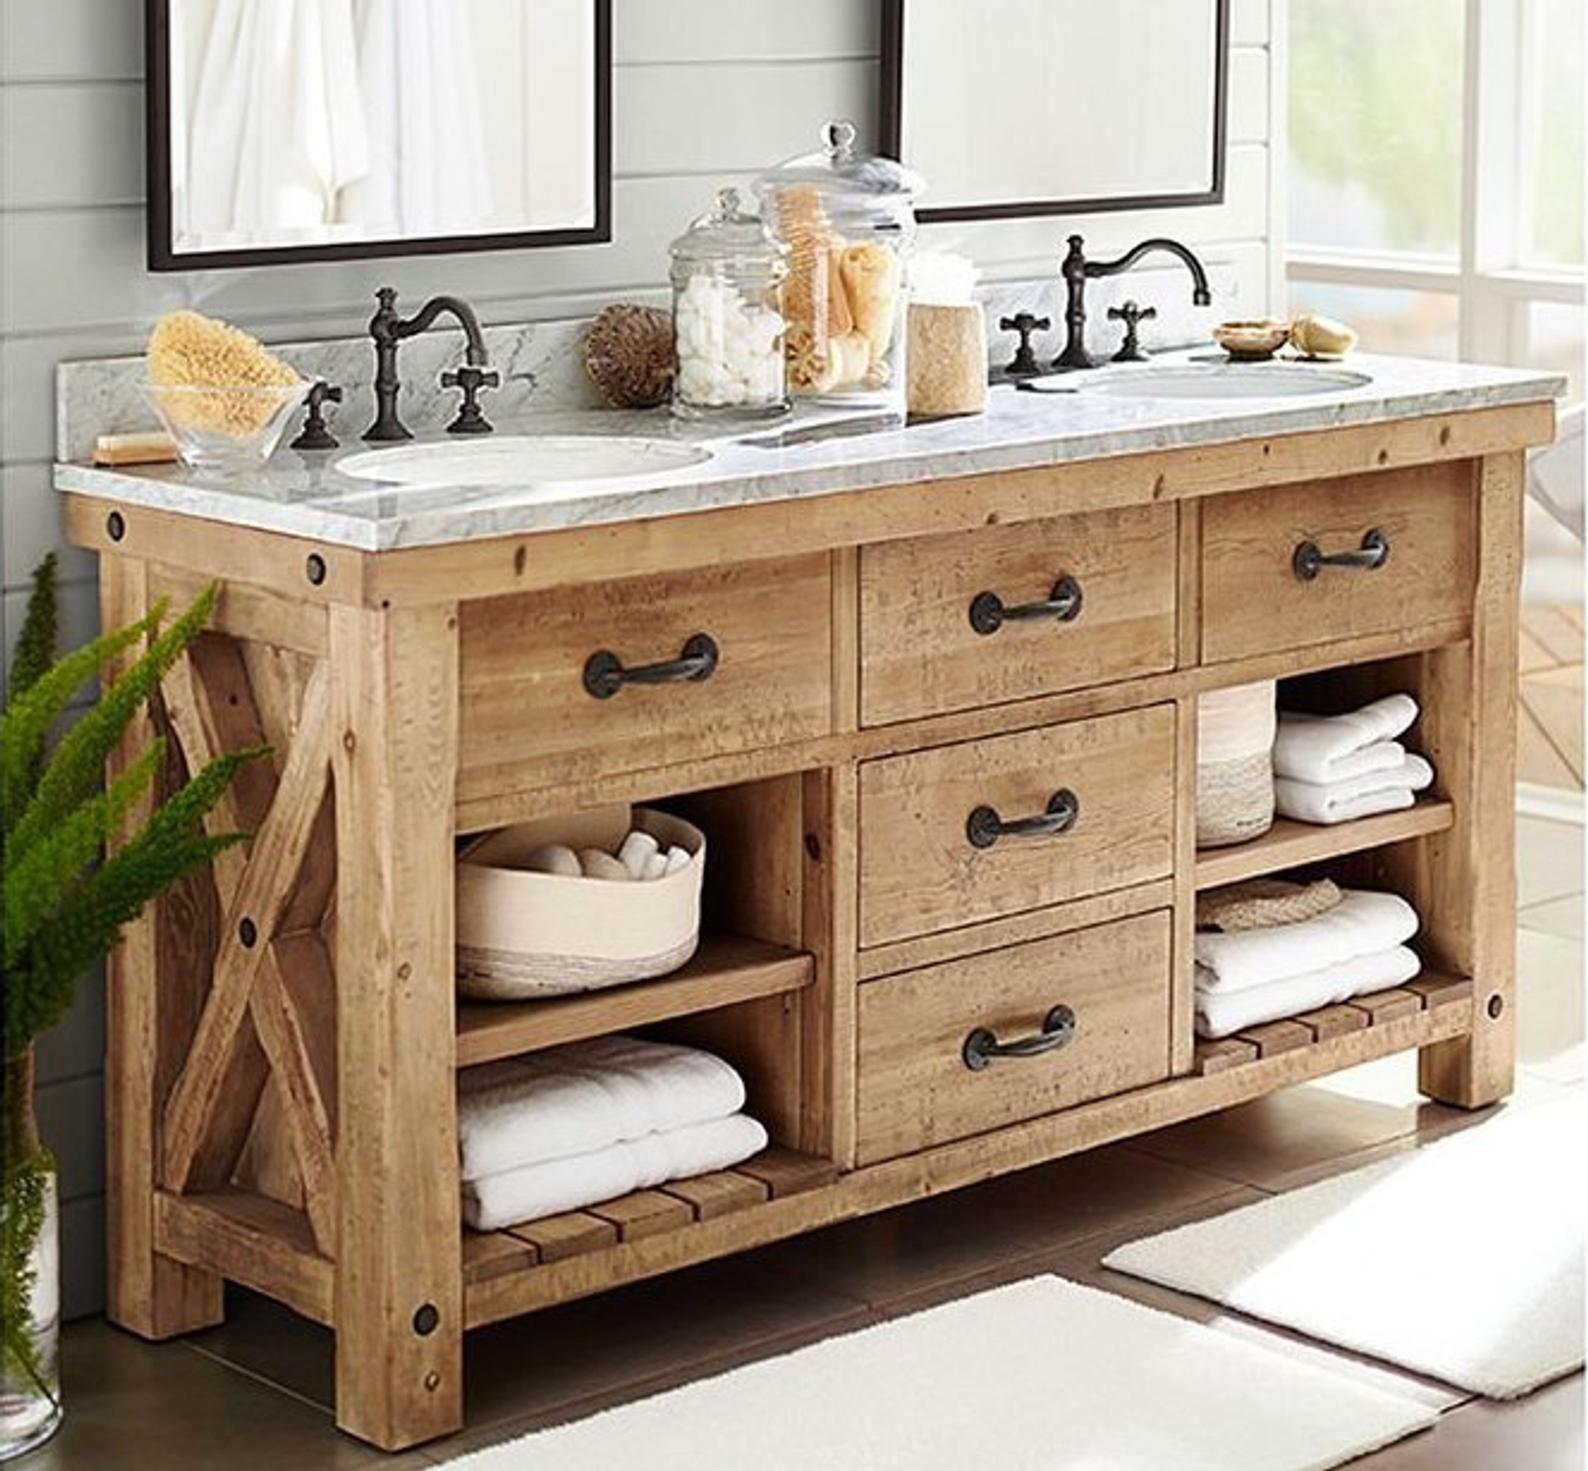 Double Sink Bathroom Vanity Etsy Double Sink Bathroom Vanity